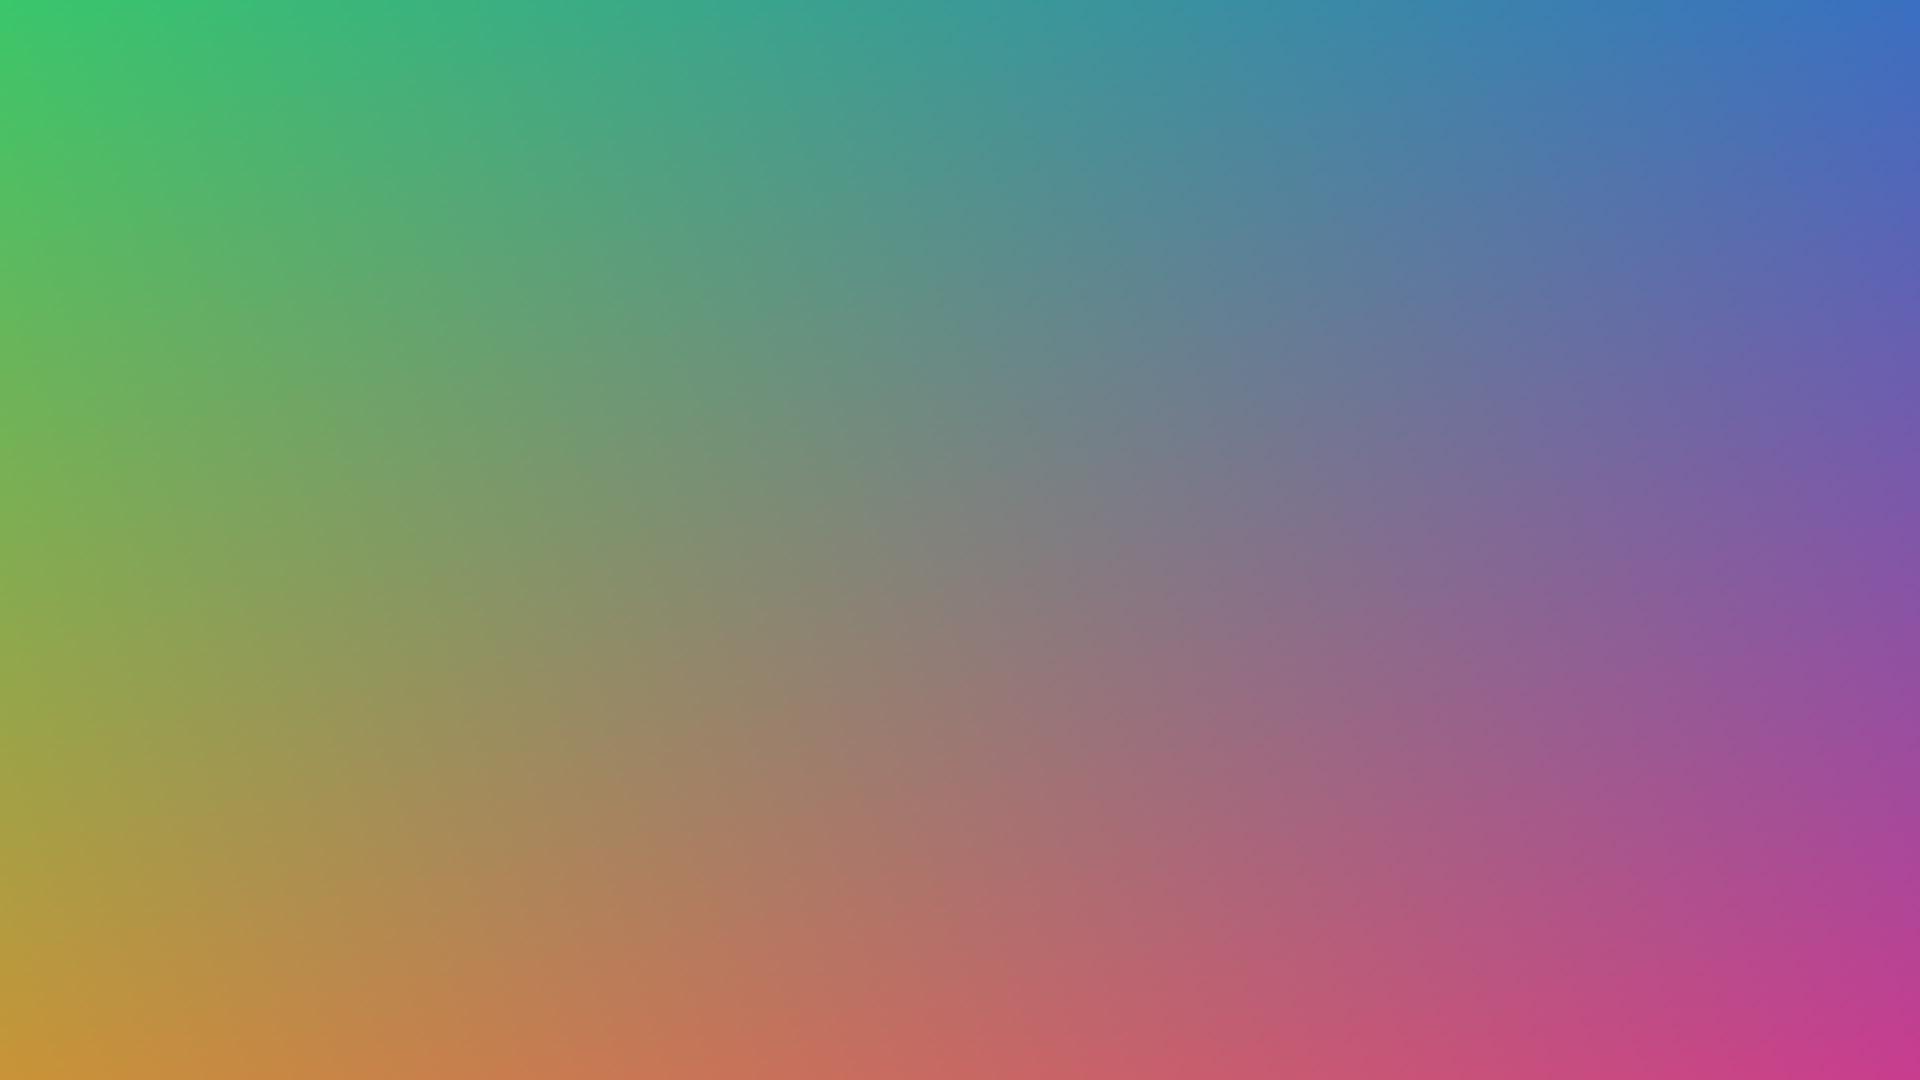 Wallpaper for desktop laptop sl86 color rainbow blur - Color gradation wallpaper ...